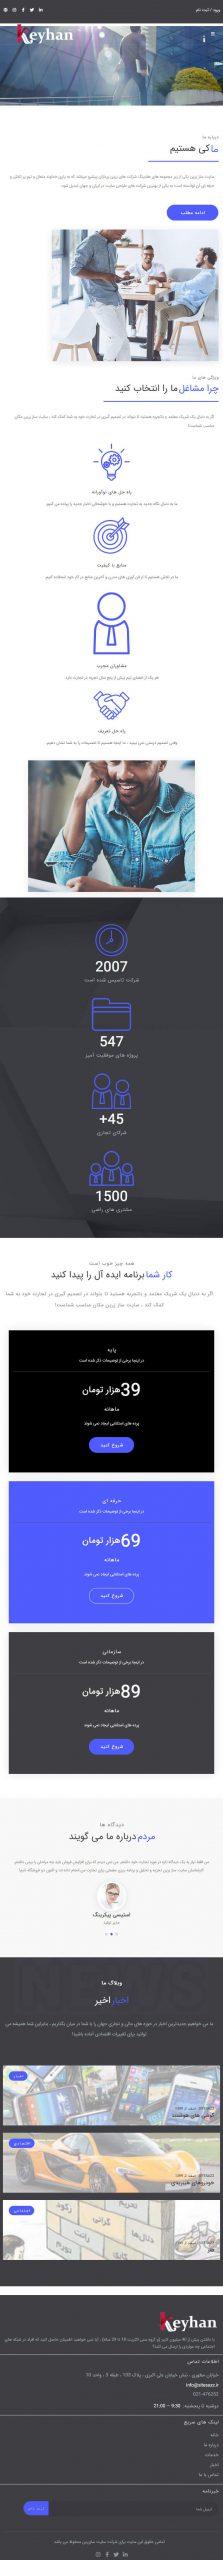 سایت کیهان در حالت موبایل